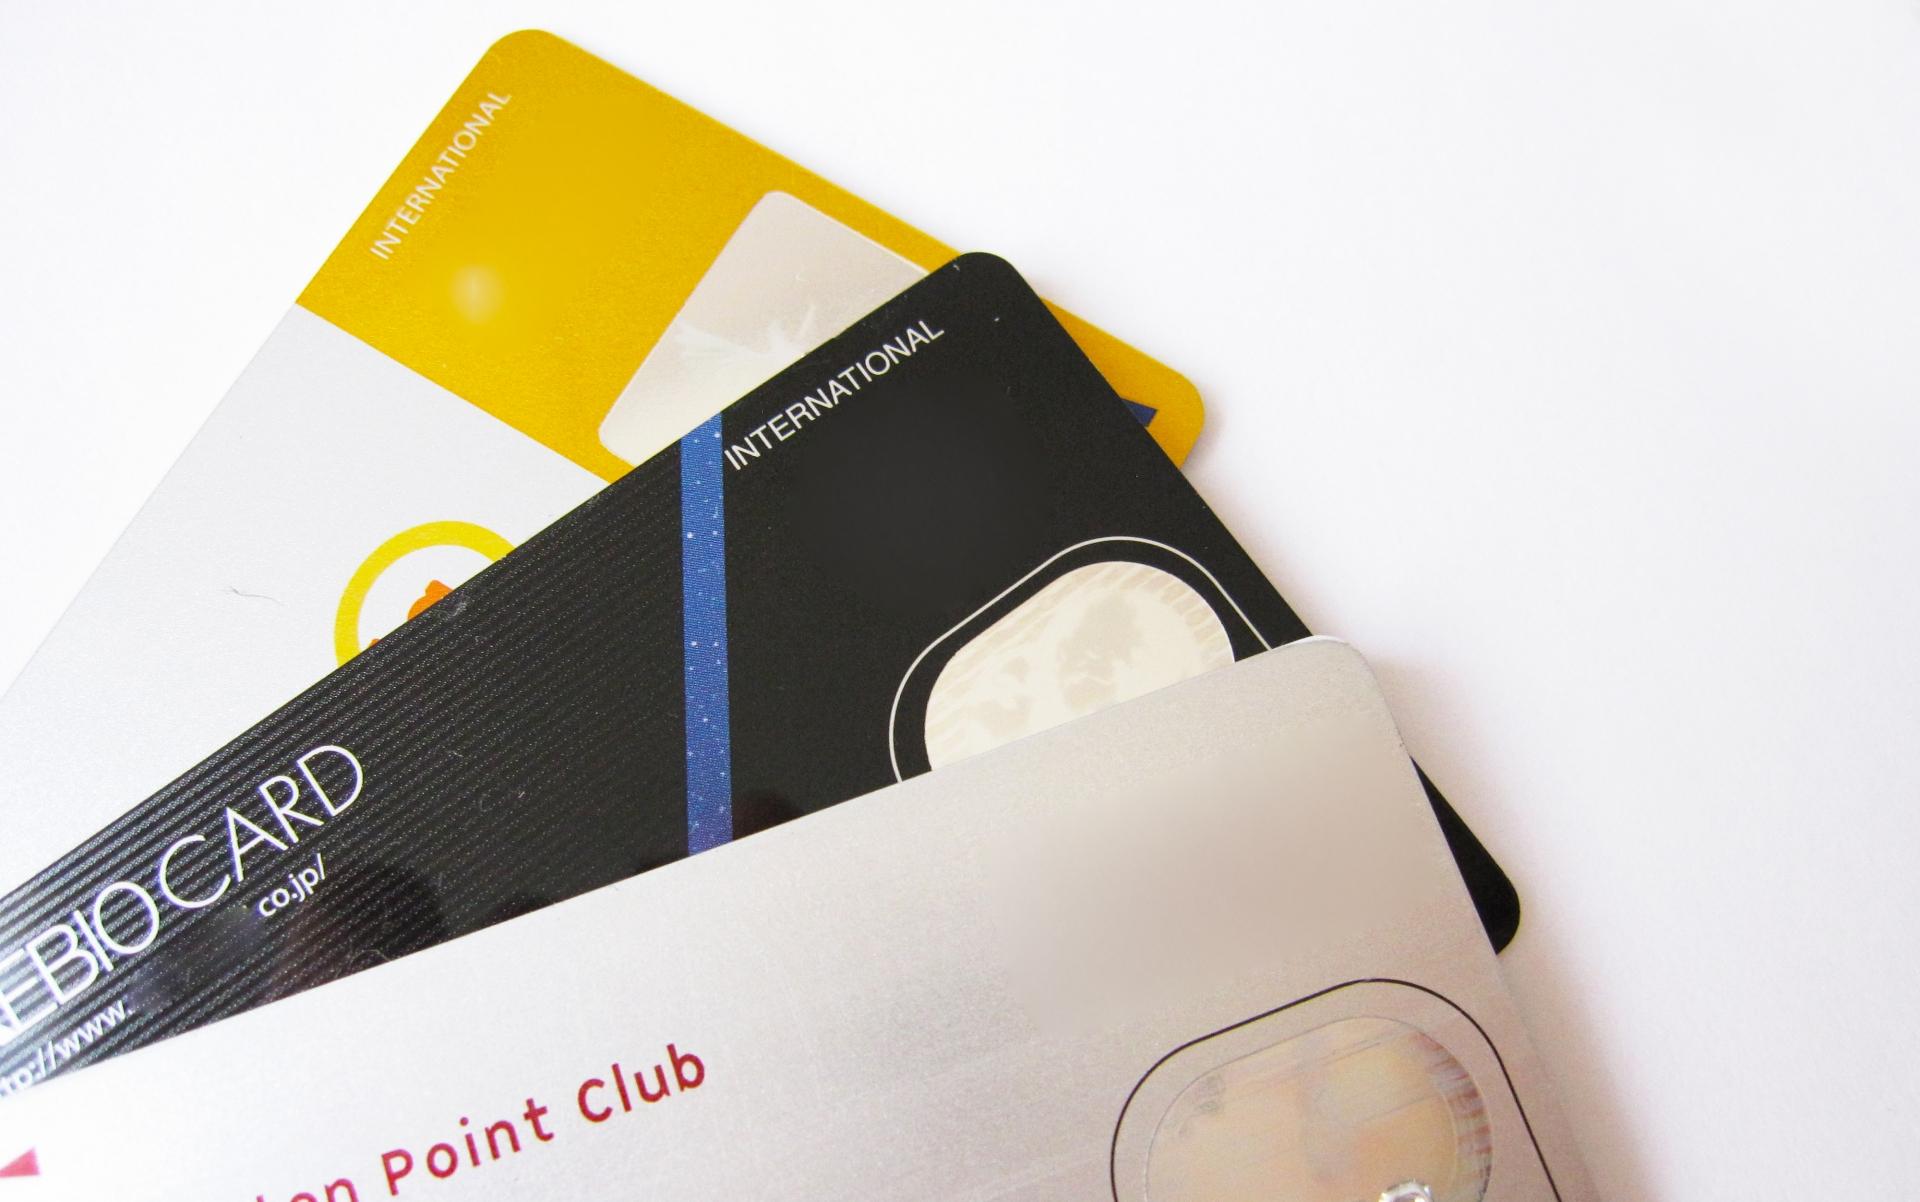 イオン銀行クレジットカード